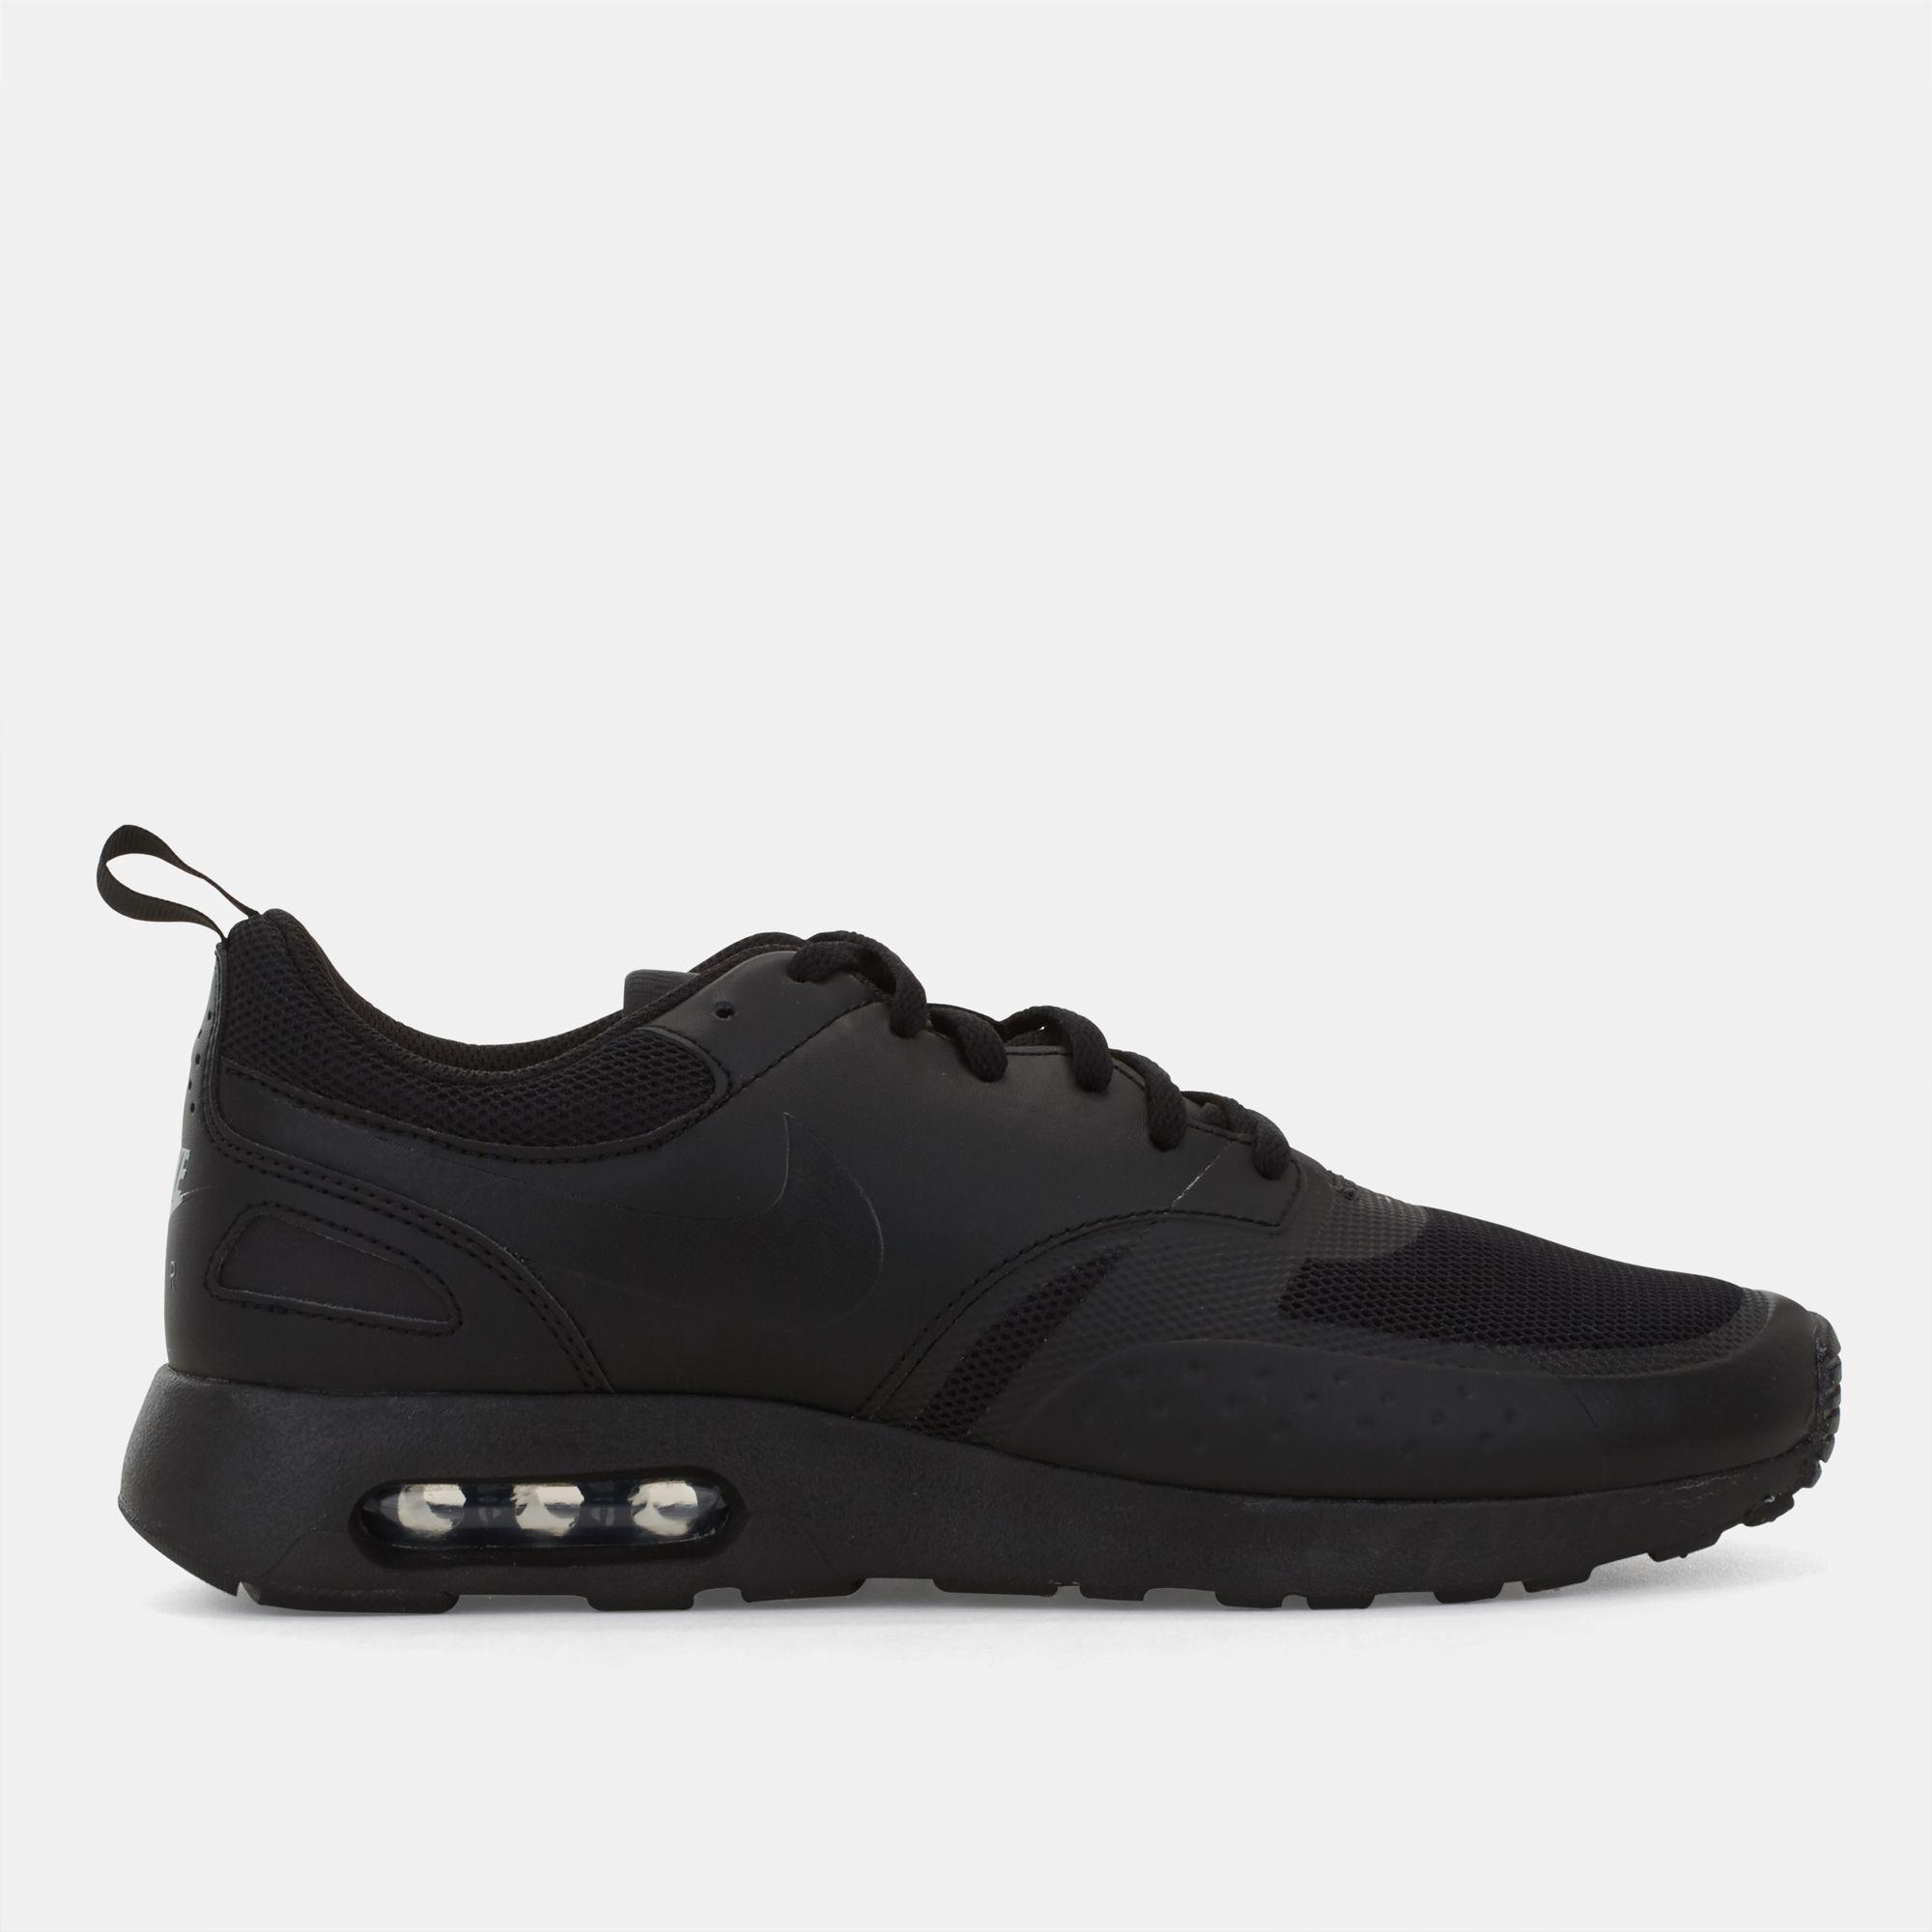 cheap for discount 90a93 12033 Nike Air Max Vision Shoe